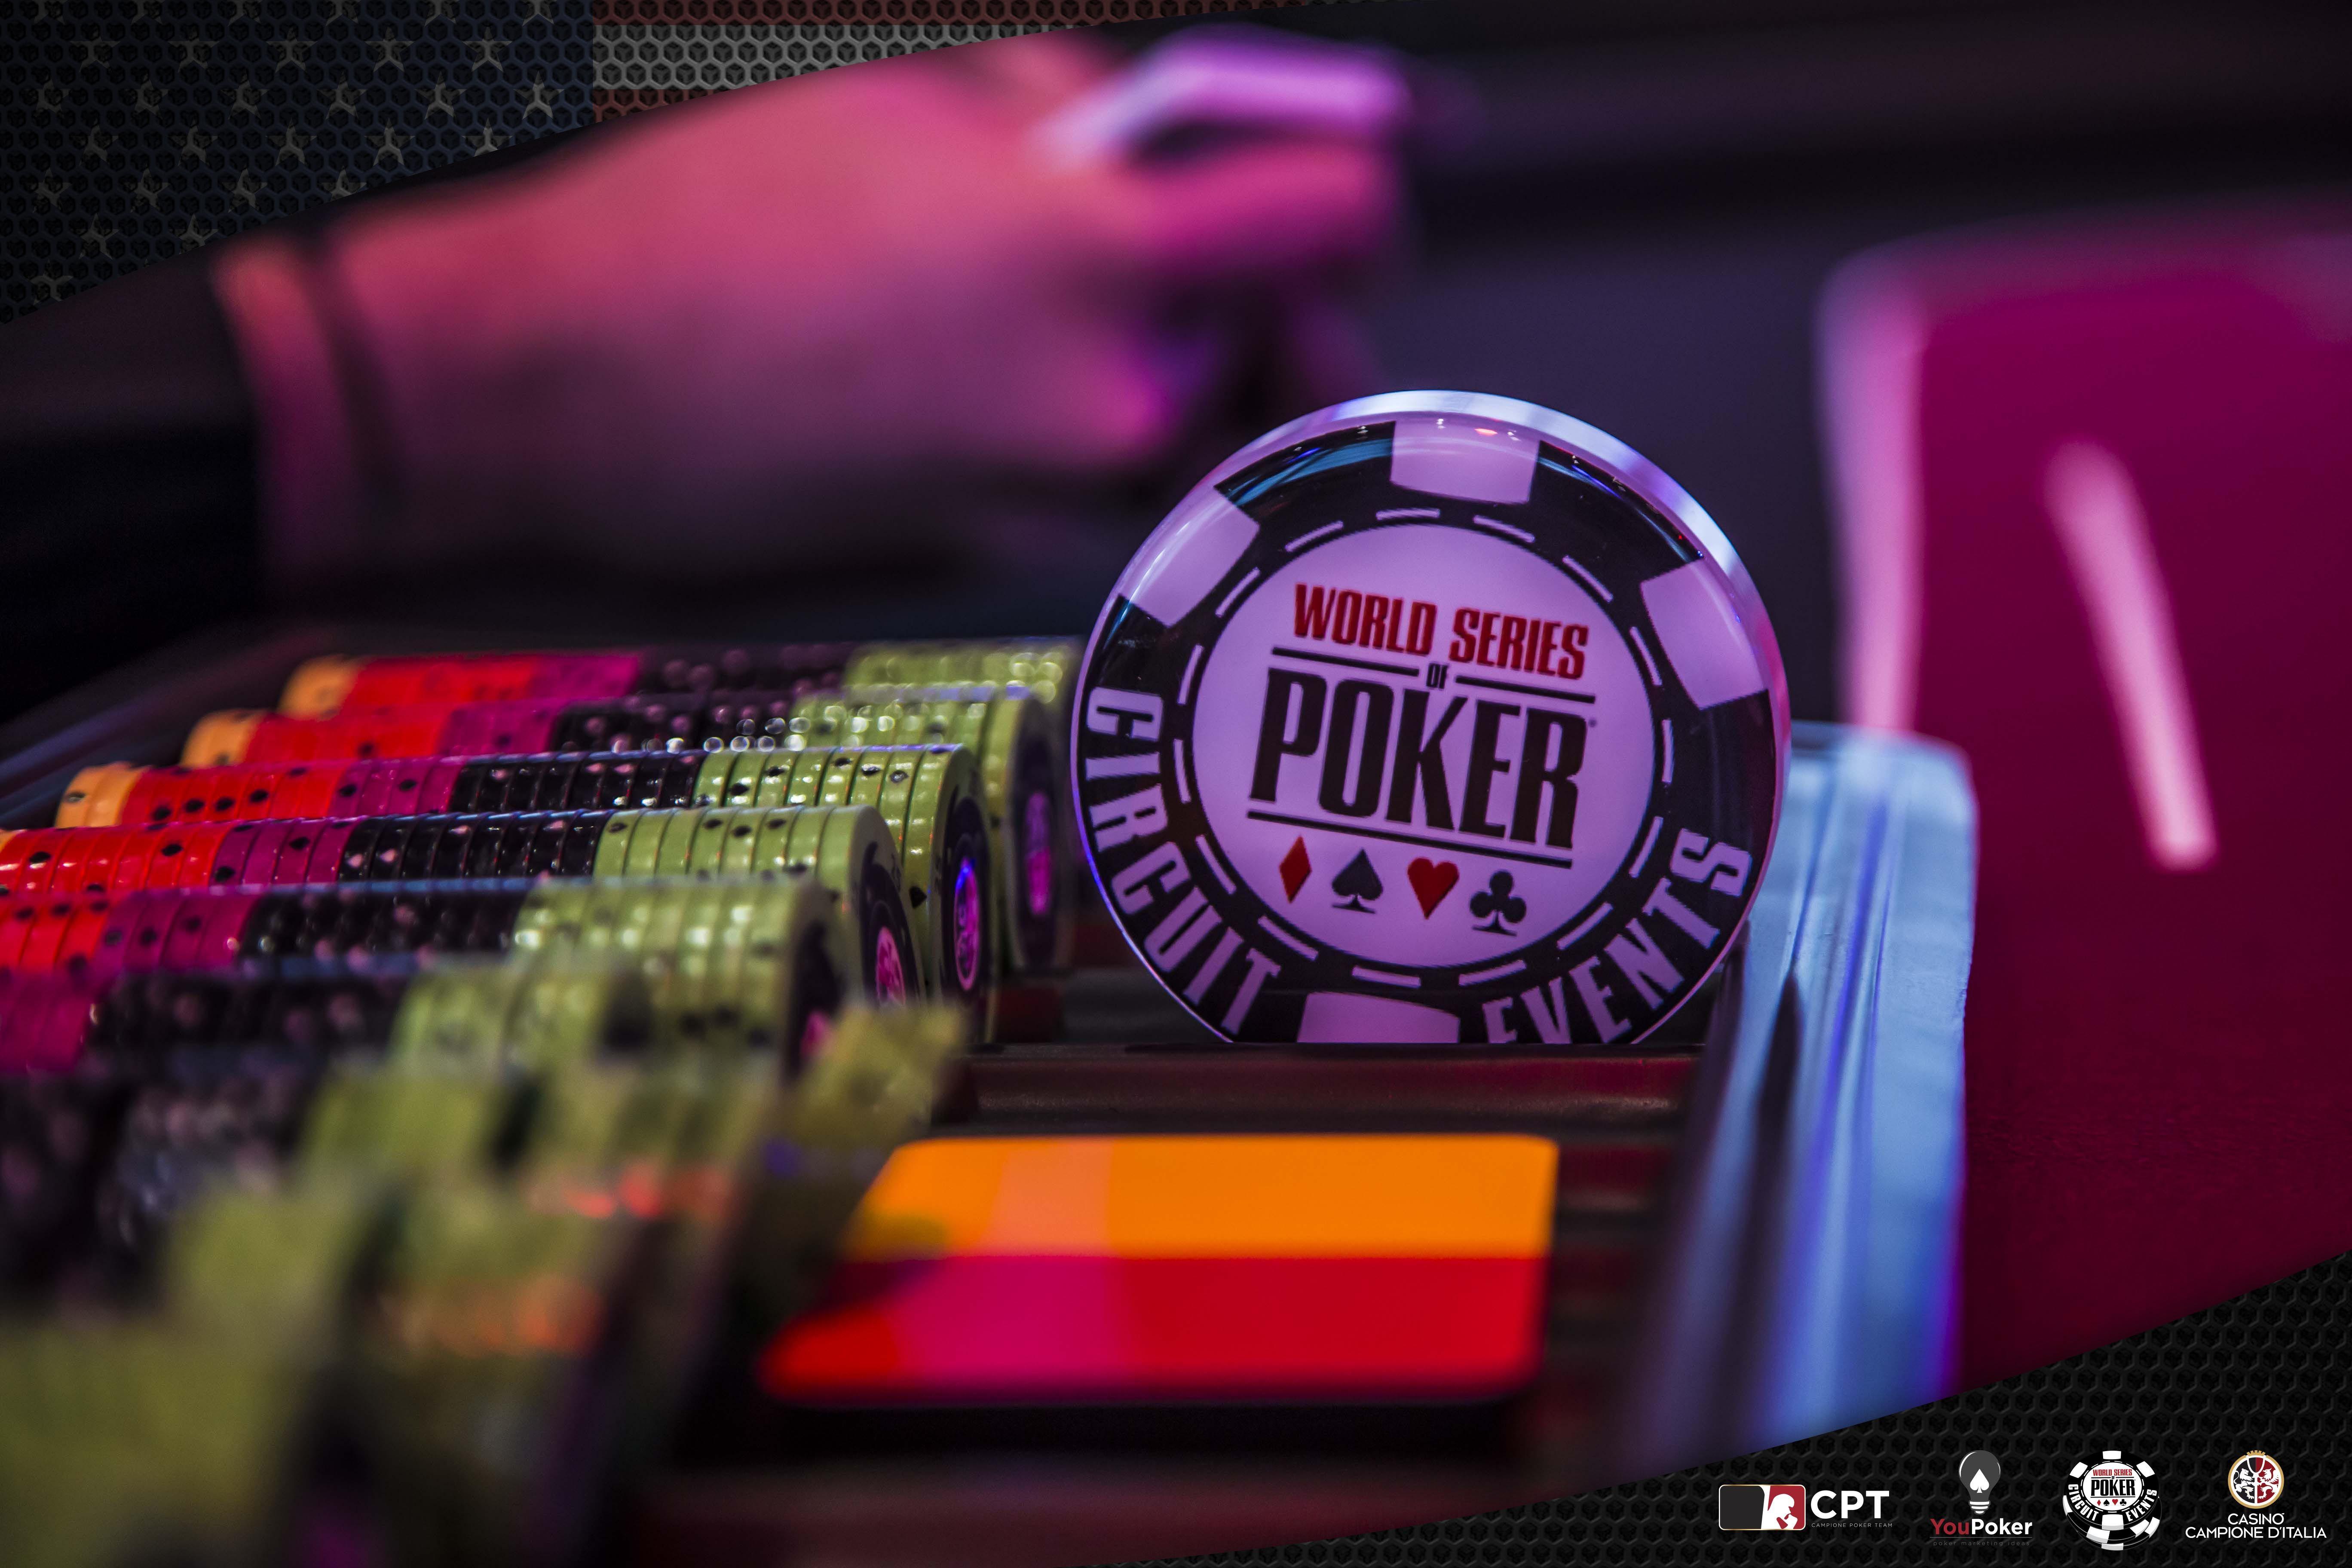 Alcuni scatti dalla tappa del WSOP Circuit Italy andata in scena dal 16 al 29 Settembre 2015 al Casinò di Campione. Per rimanere sempre aggiornato sugli eventi di poker: http://www.casinocampione.it/italian/ipo19.php